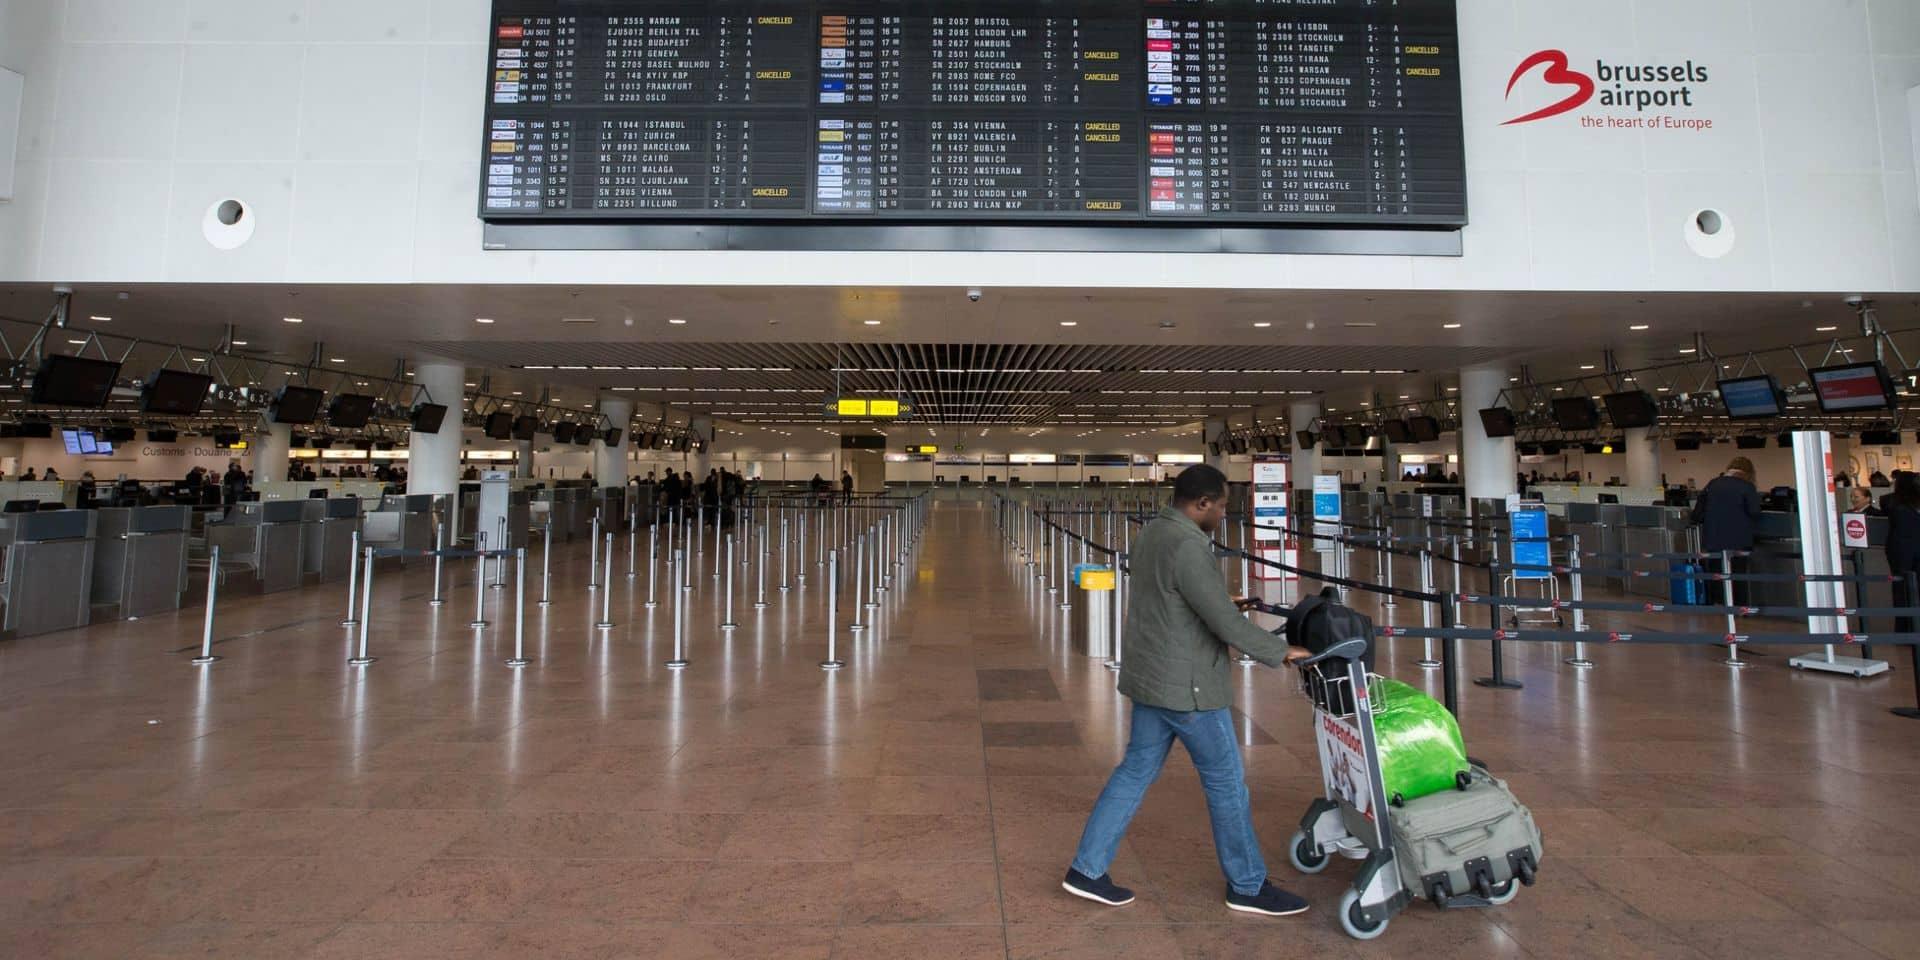 Le trafic aérien s'est écroulé de 70% à Brussels Airport !